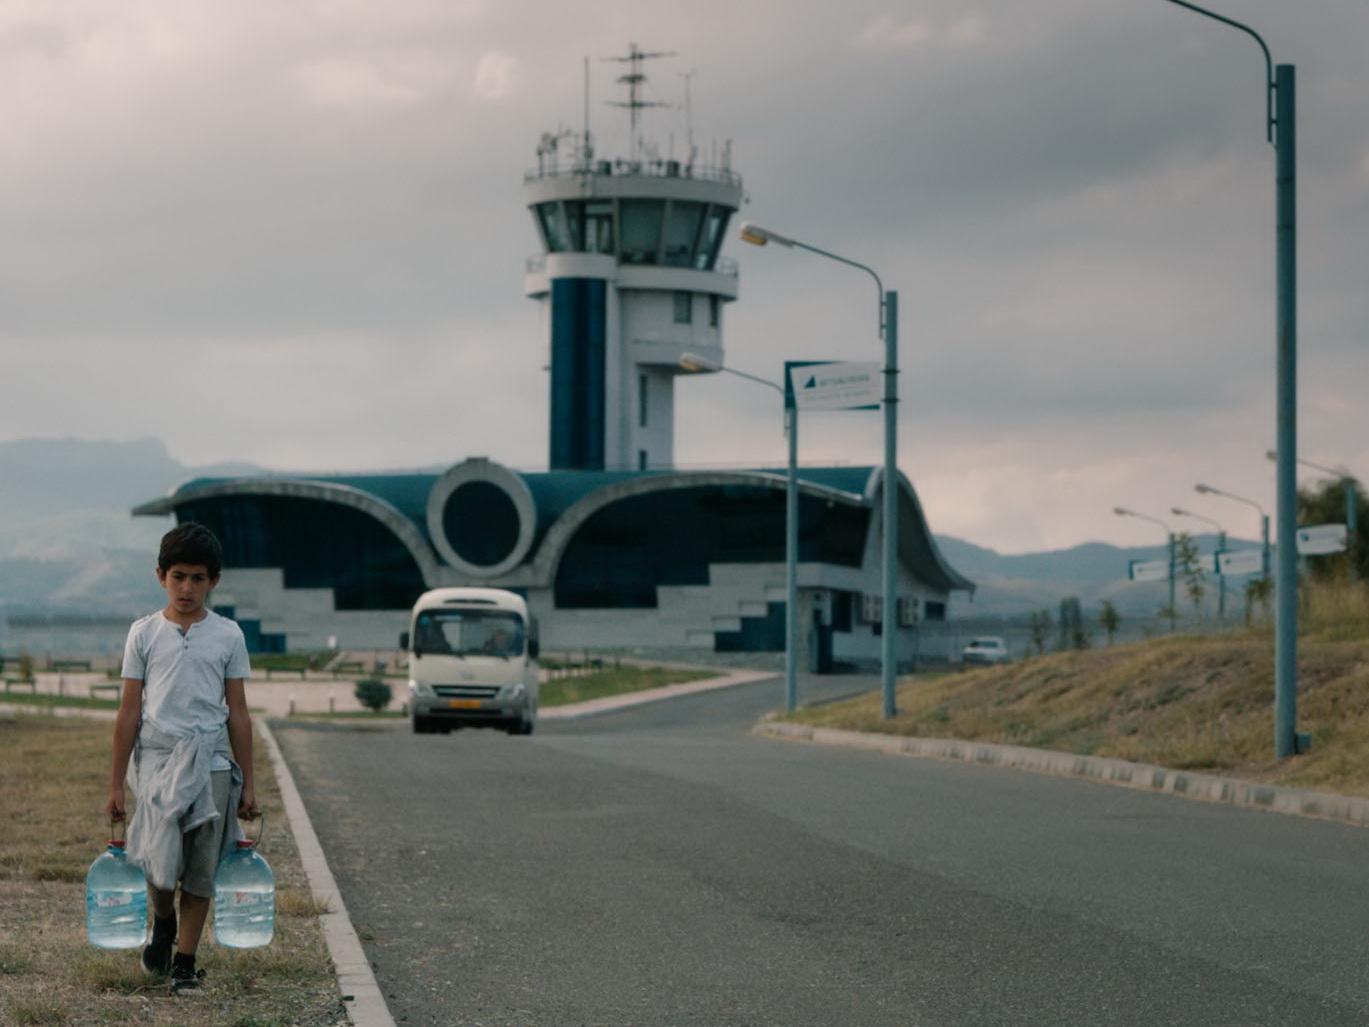 Армянский фильм о Нагорном Карабахе включен в программу Каннского кинофестиваля - ФОТО